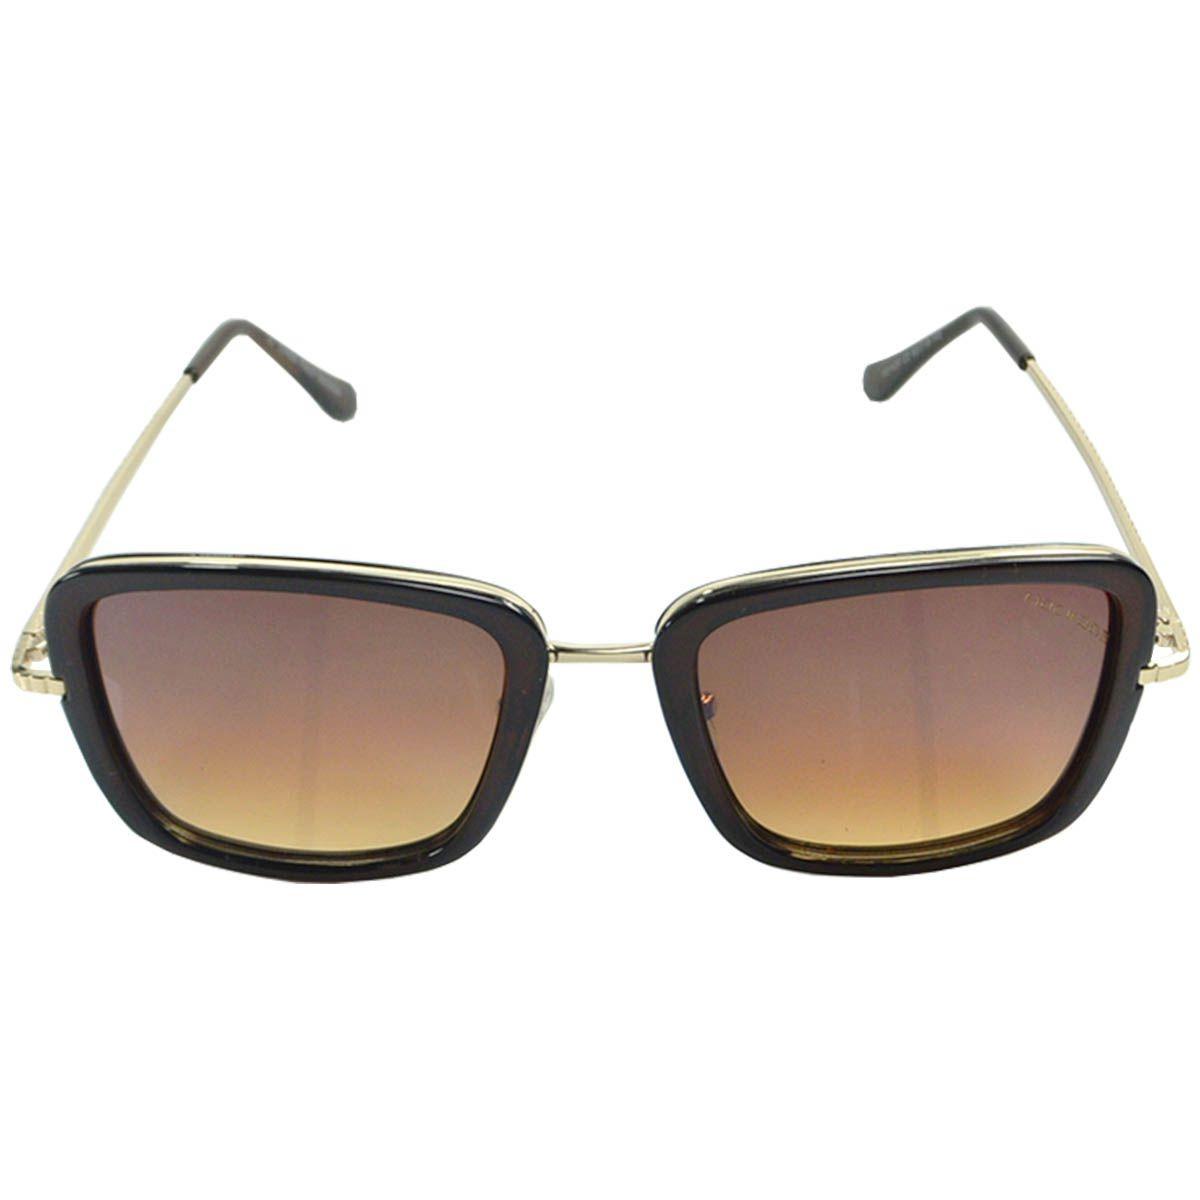 24f5c263e7c47 Óculos De Sol Feminino Mackage Mk01420 - R  55,90 em Mercado Livre